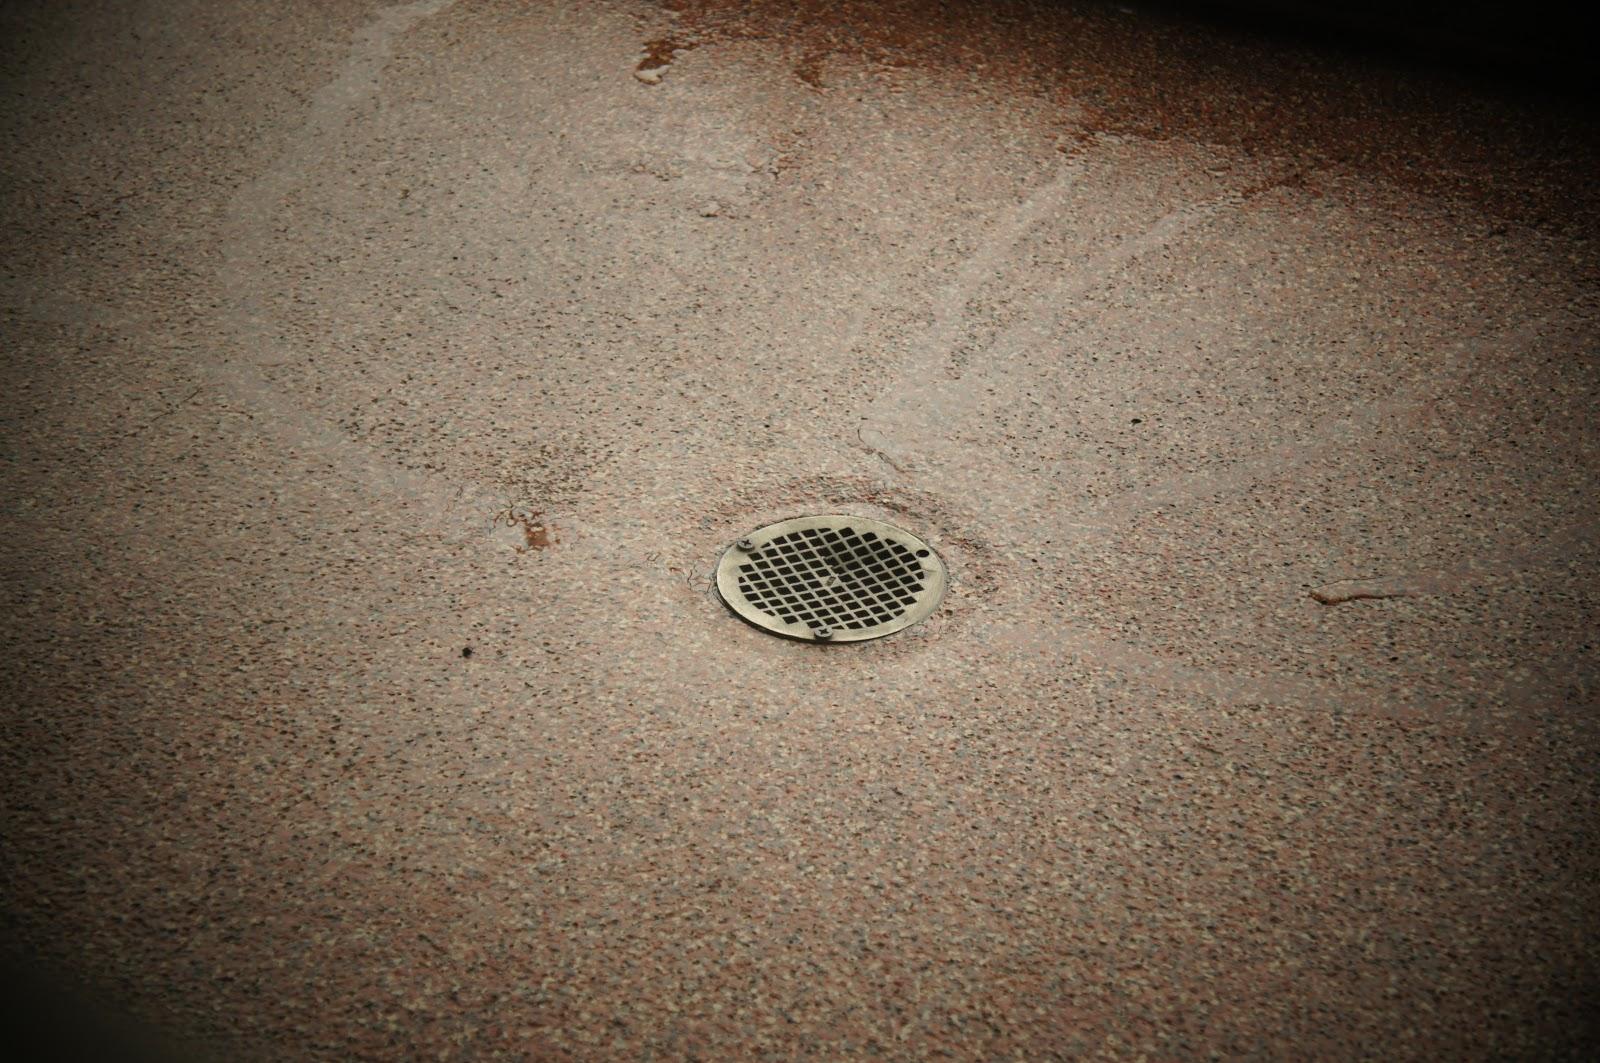 drainage public domain picture